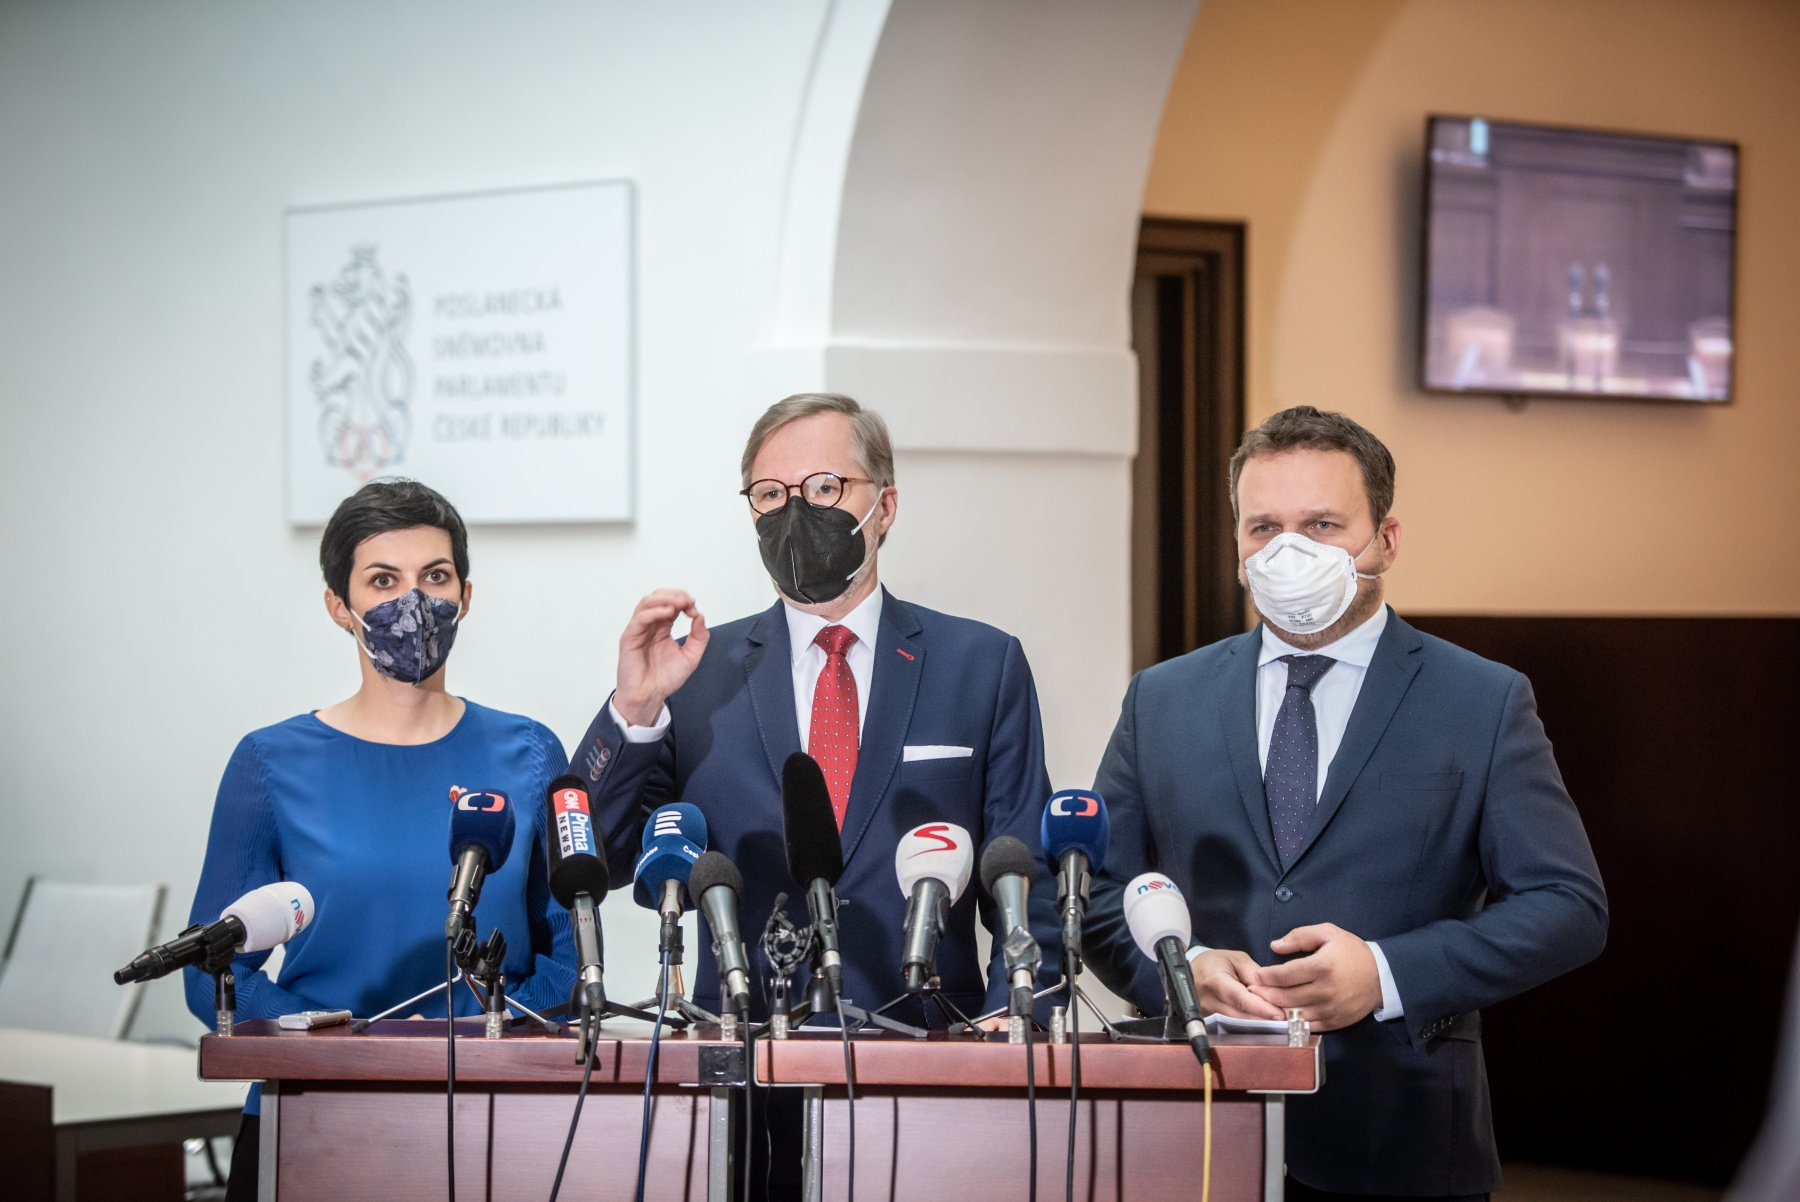 Koalice SPOLU definovala 6 kroků, které by měla vláda splnit, pokud chce hledat podporu nouzovému stavu